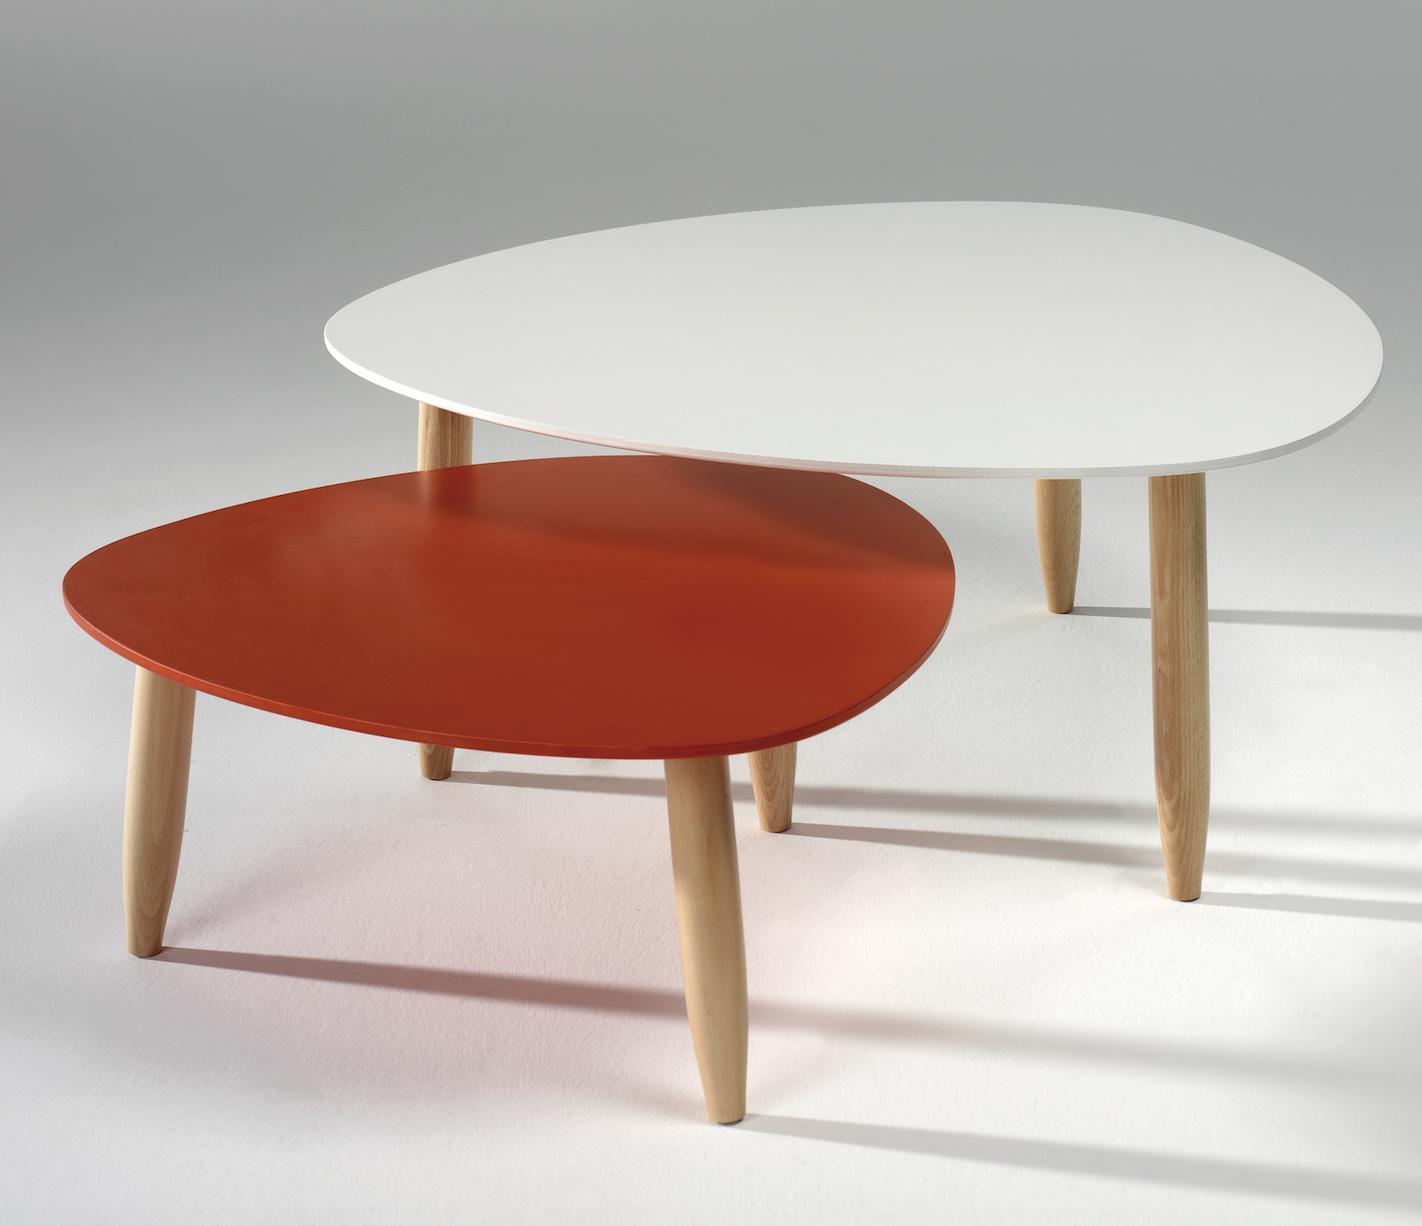 table basse gigogne laqu e blanc et rouge egon. Black Bedroom Furniture Sets. Home Design Ideas